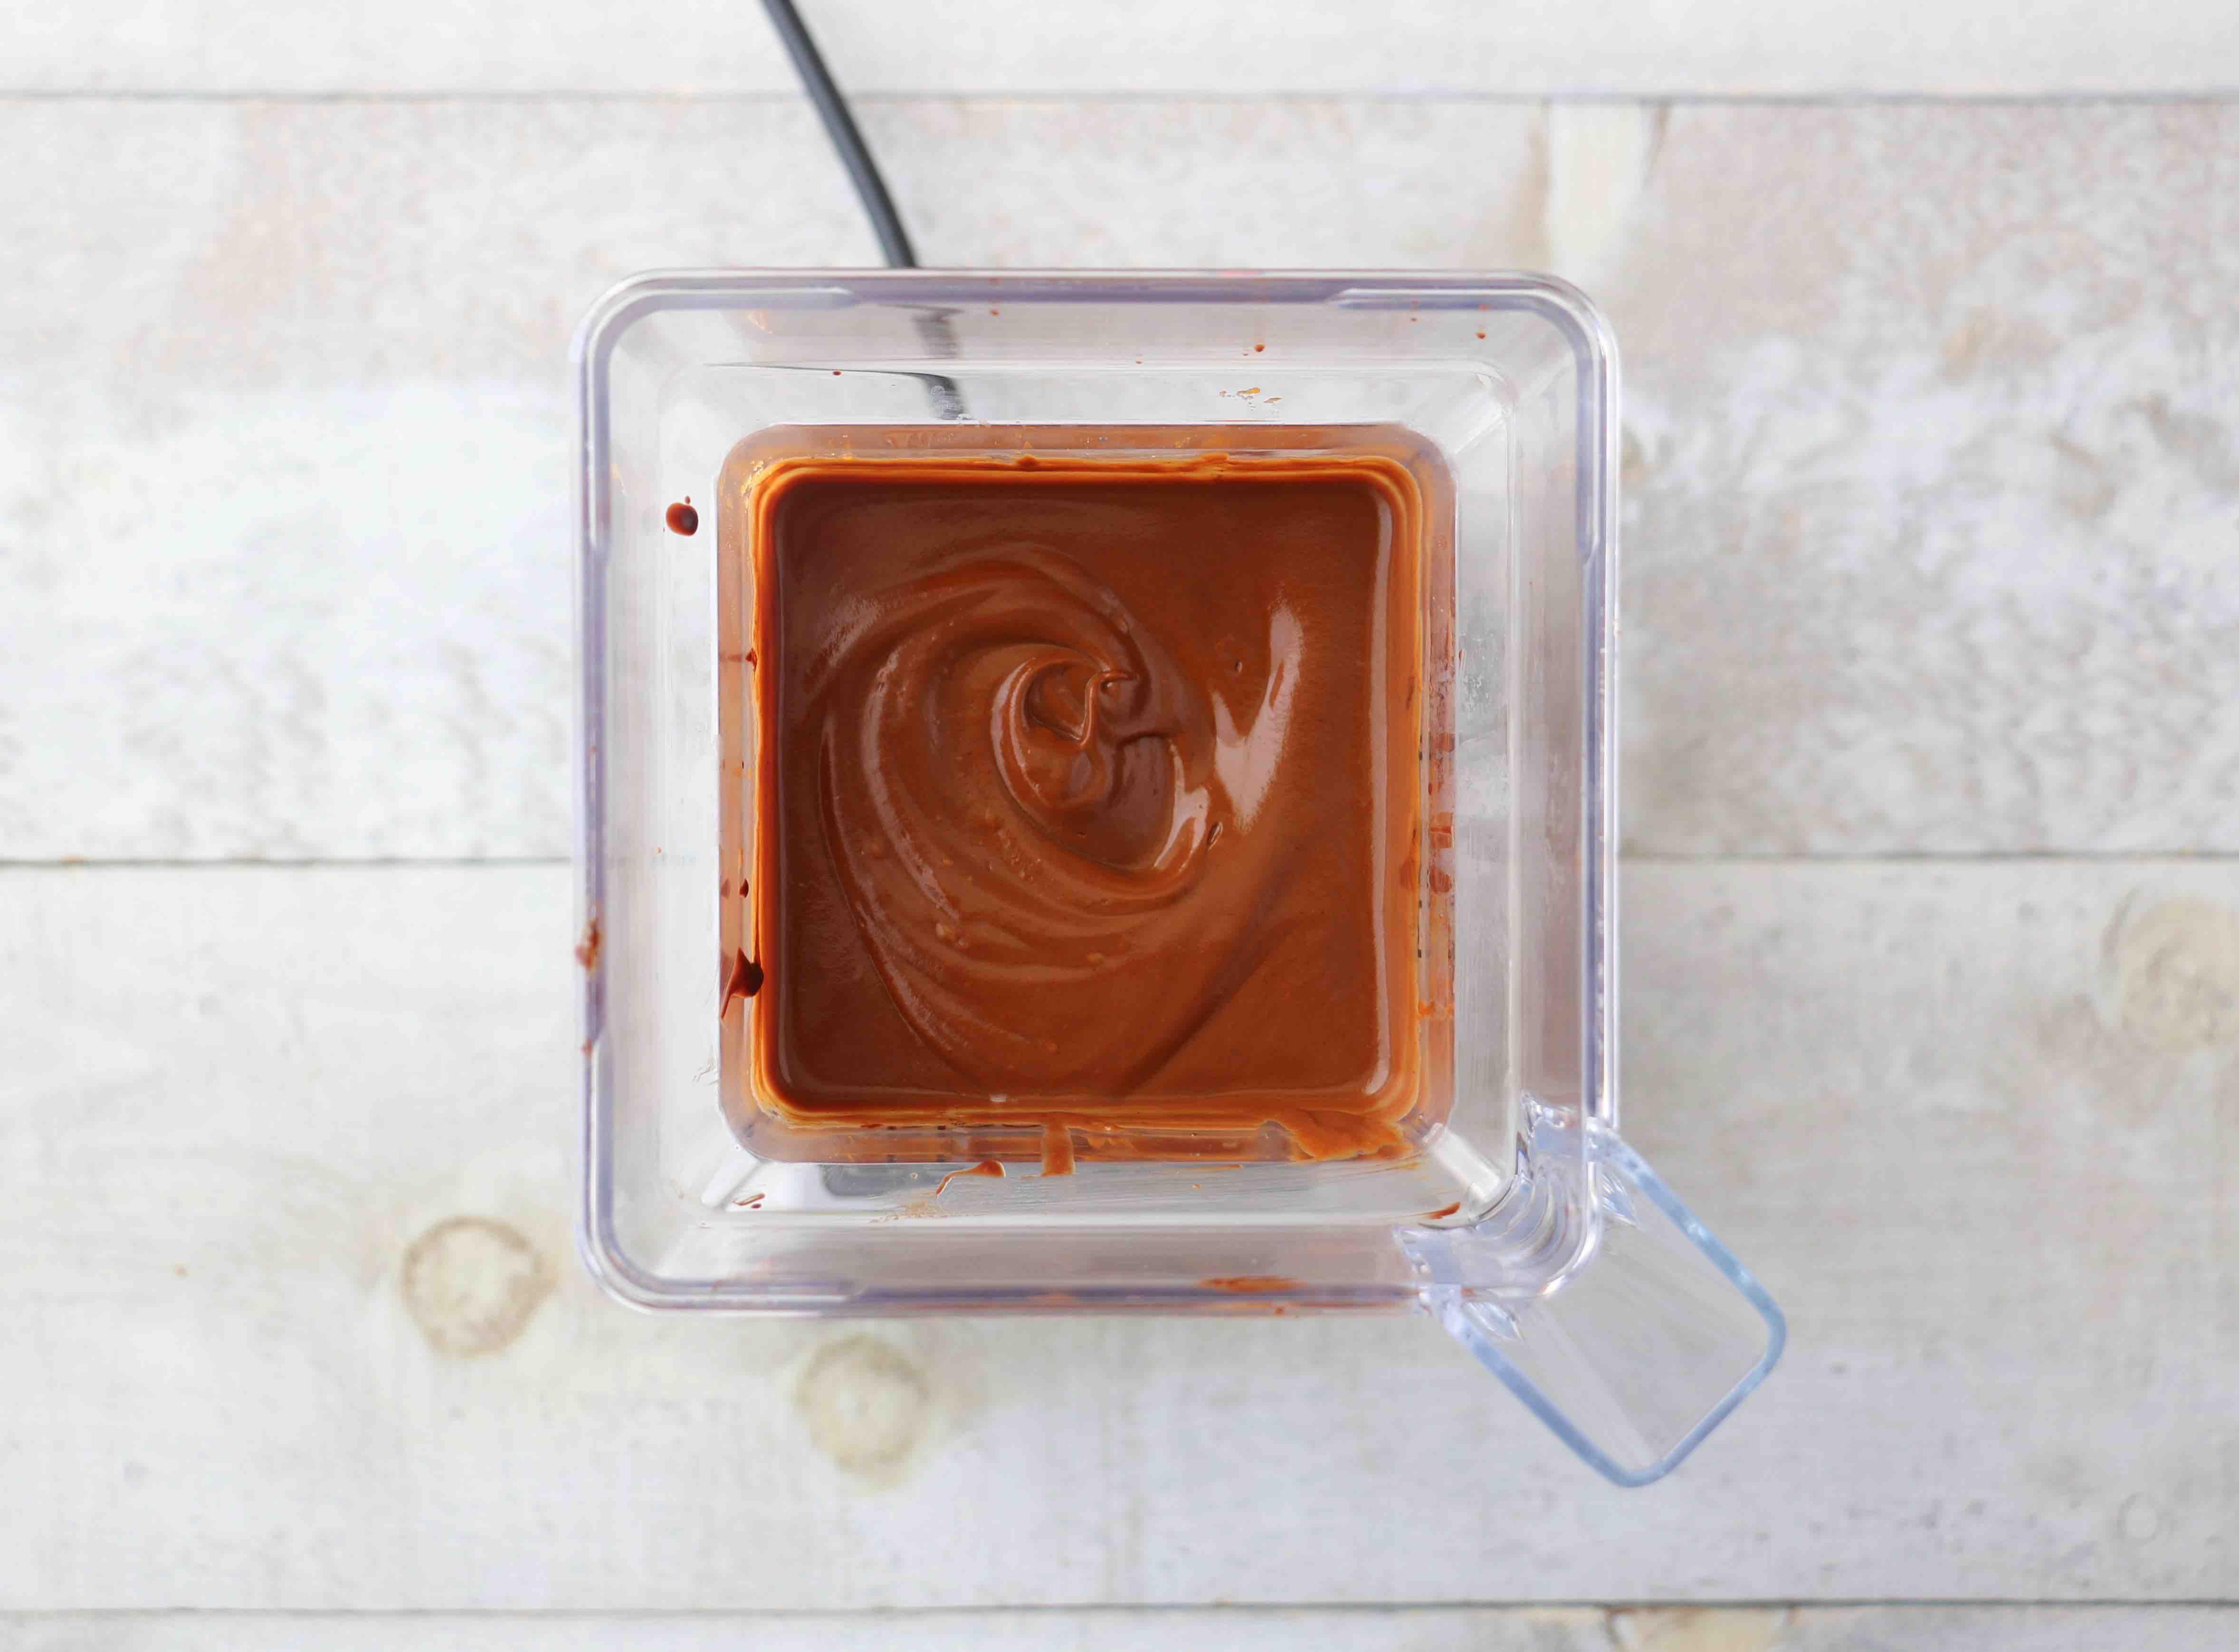 Mousse au chocolat à la patate douce